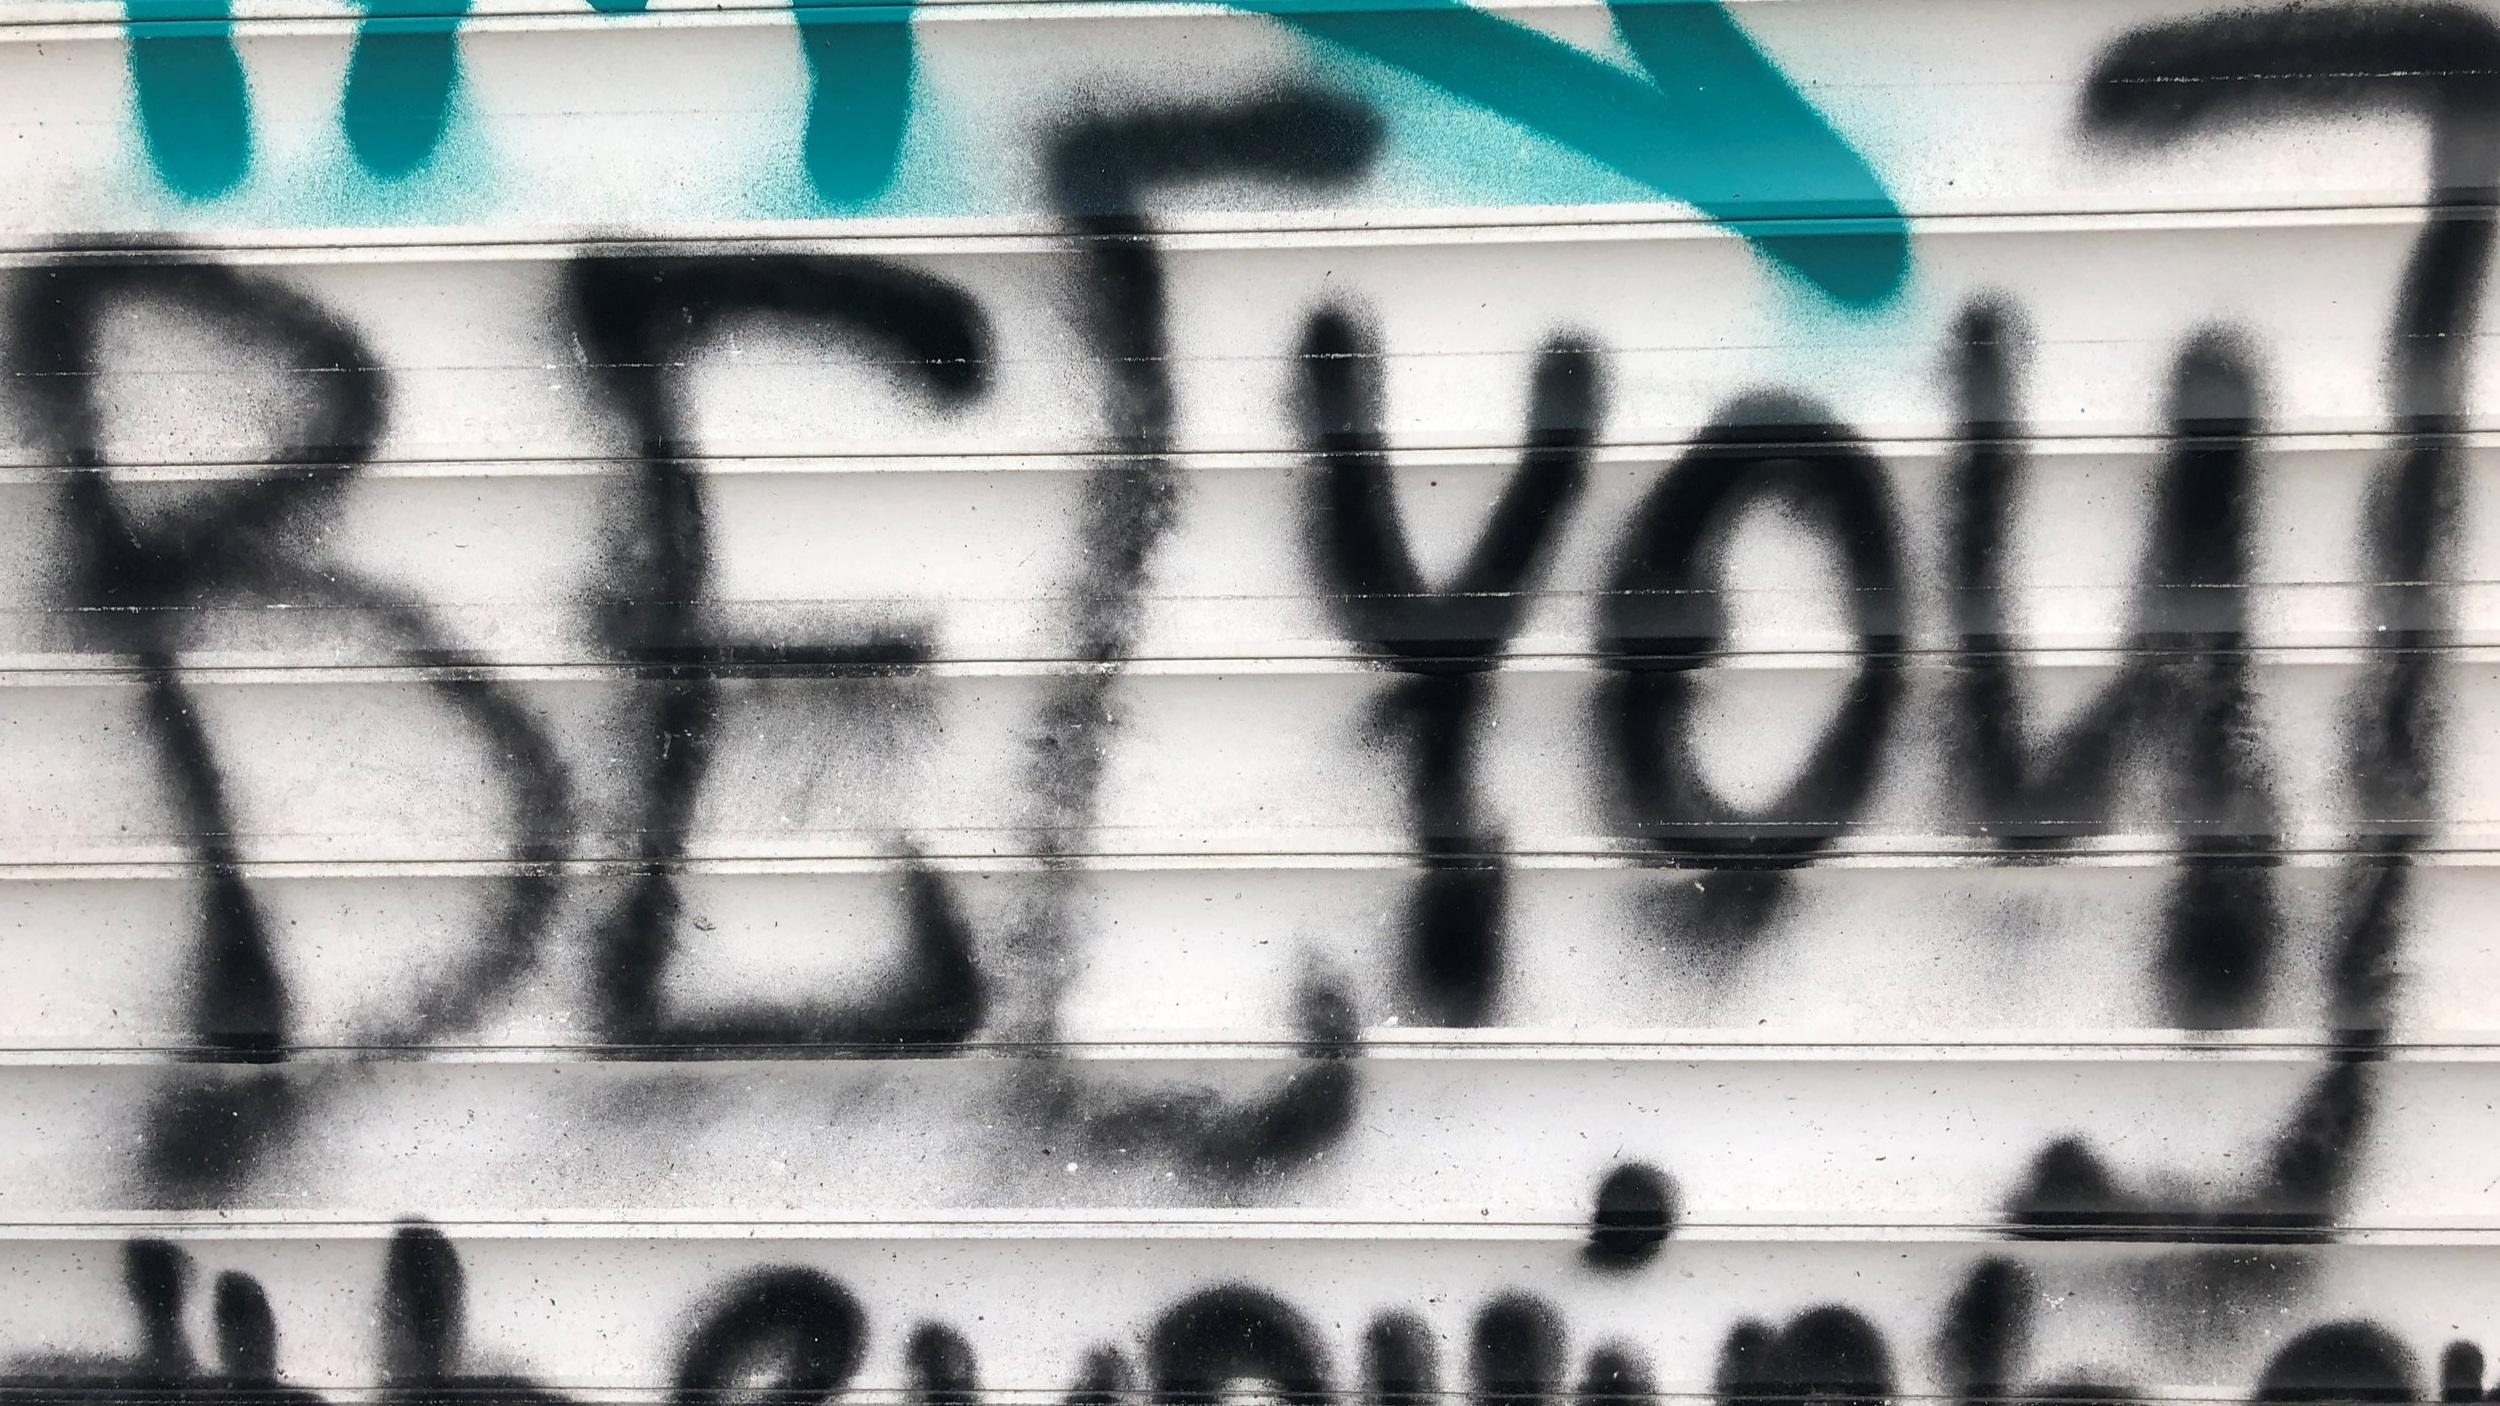 Graffiti Be You selbstbewusstes und glückliches Auftreten